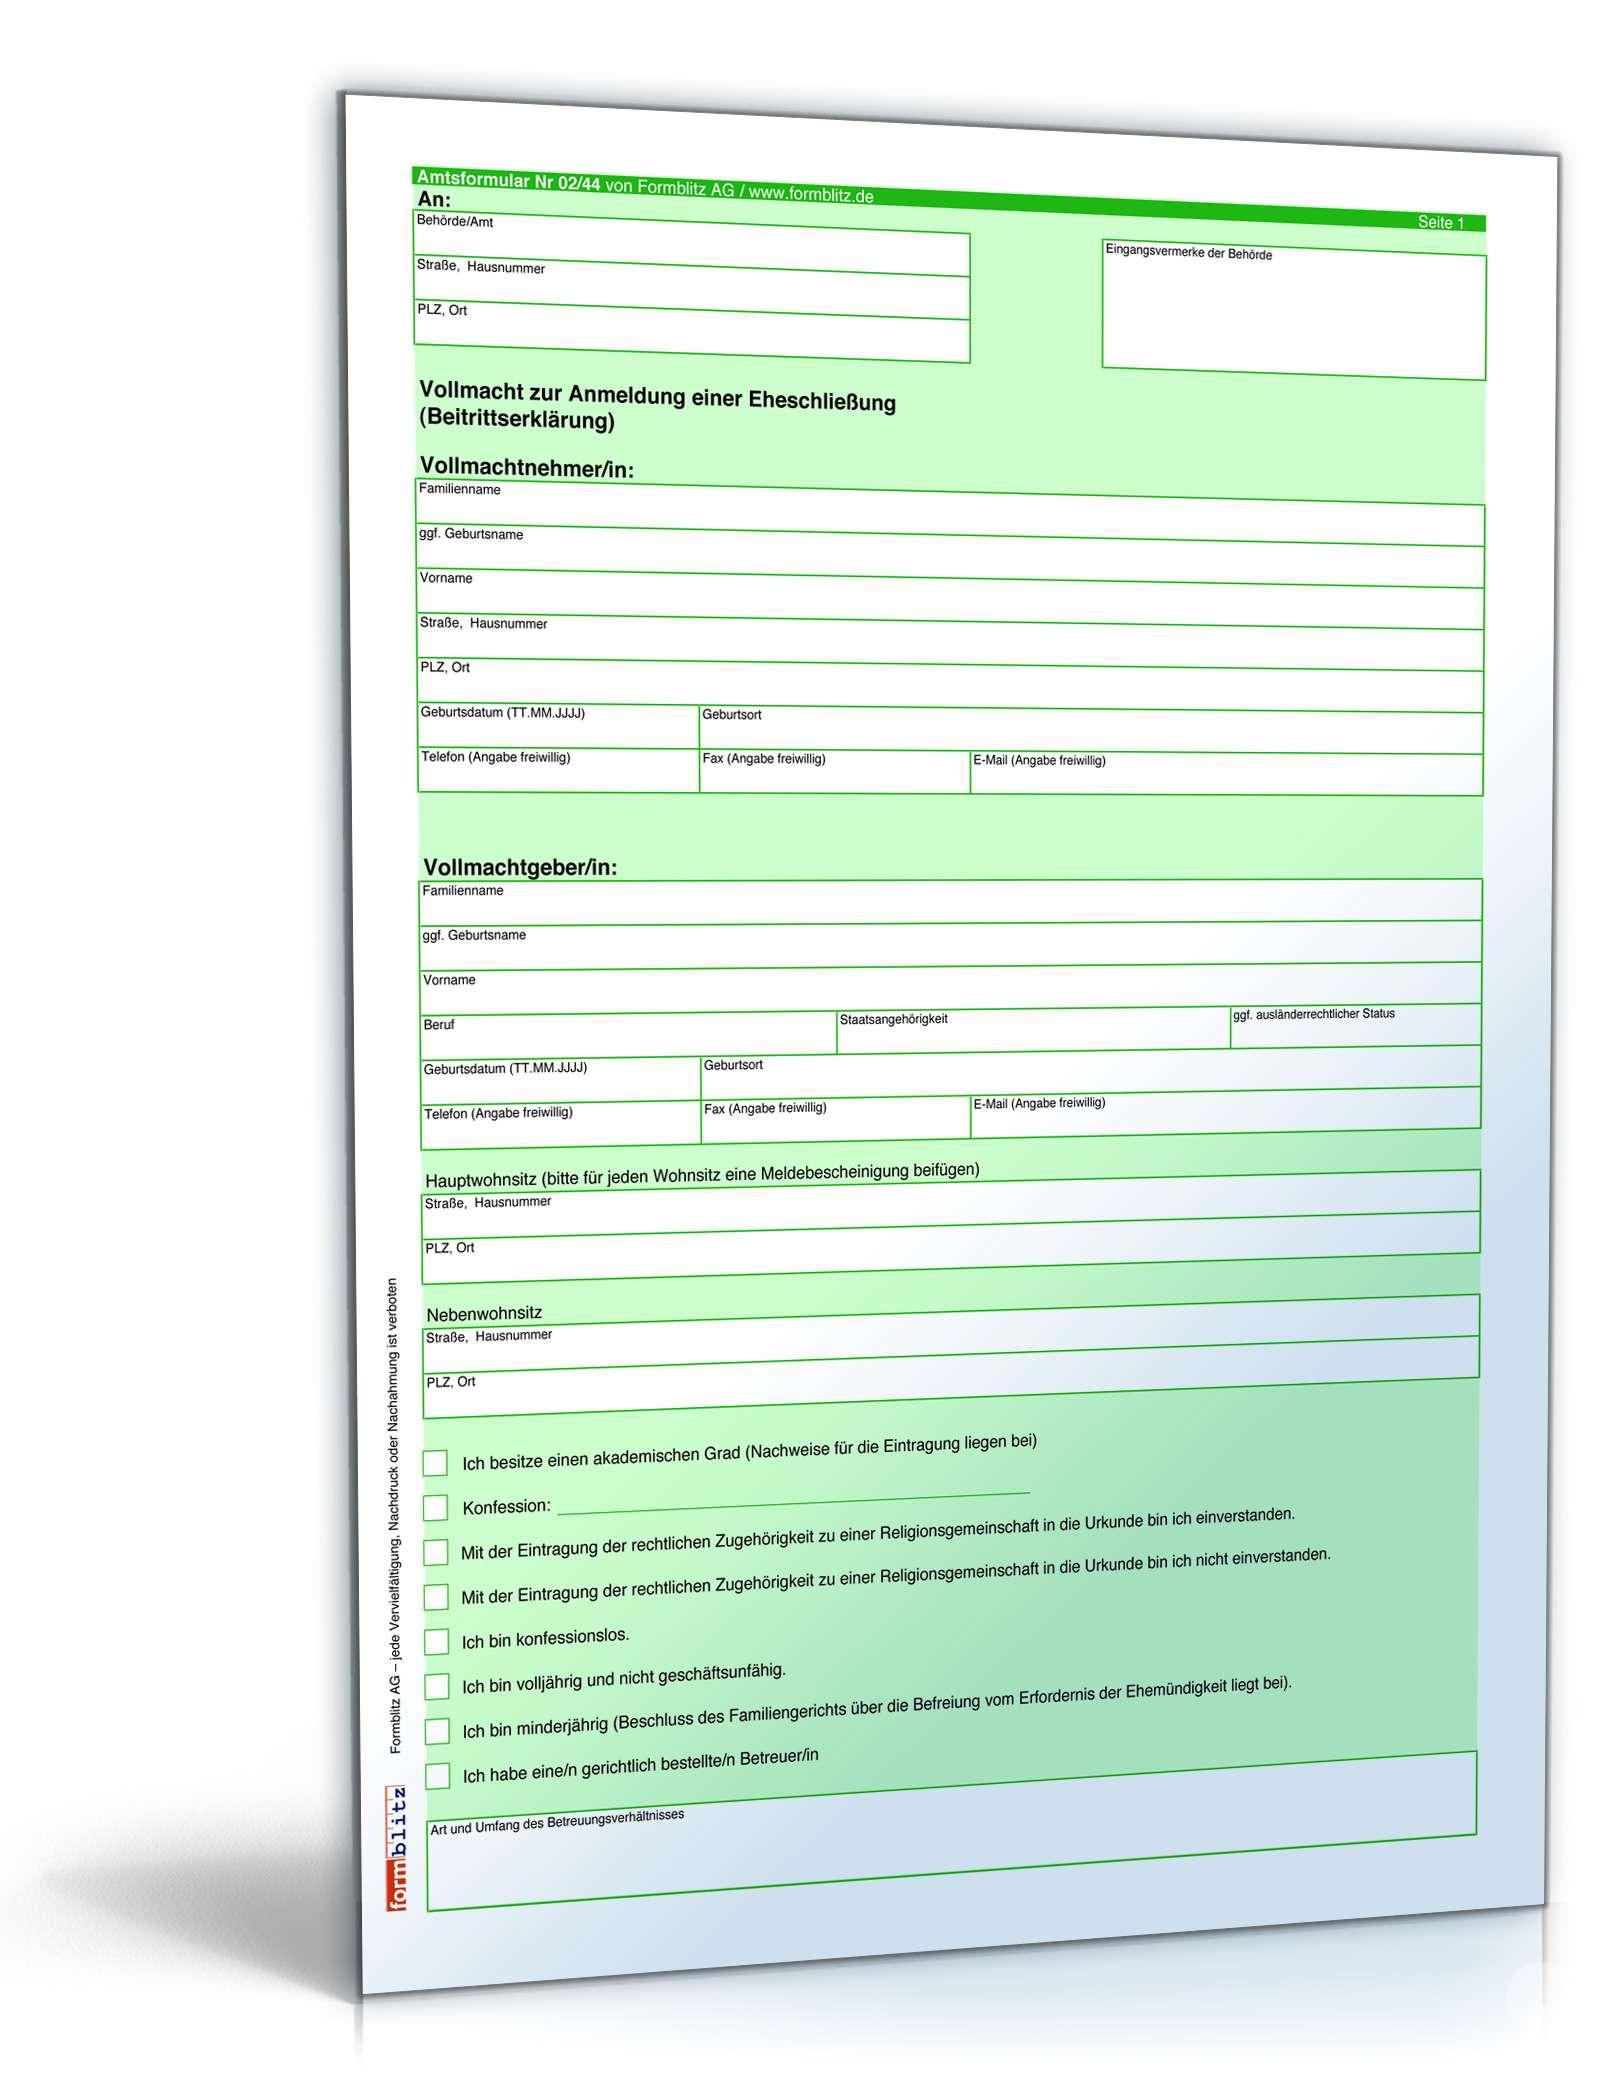 Vollmacht Anmeldung Eheschließung Formular Zum Download